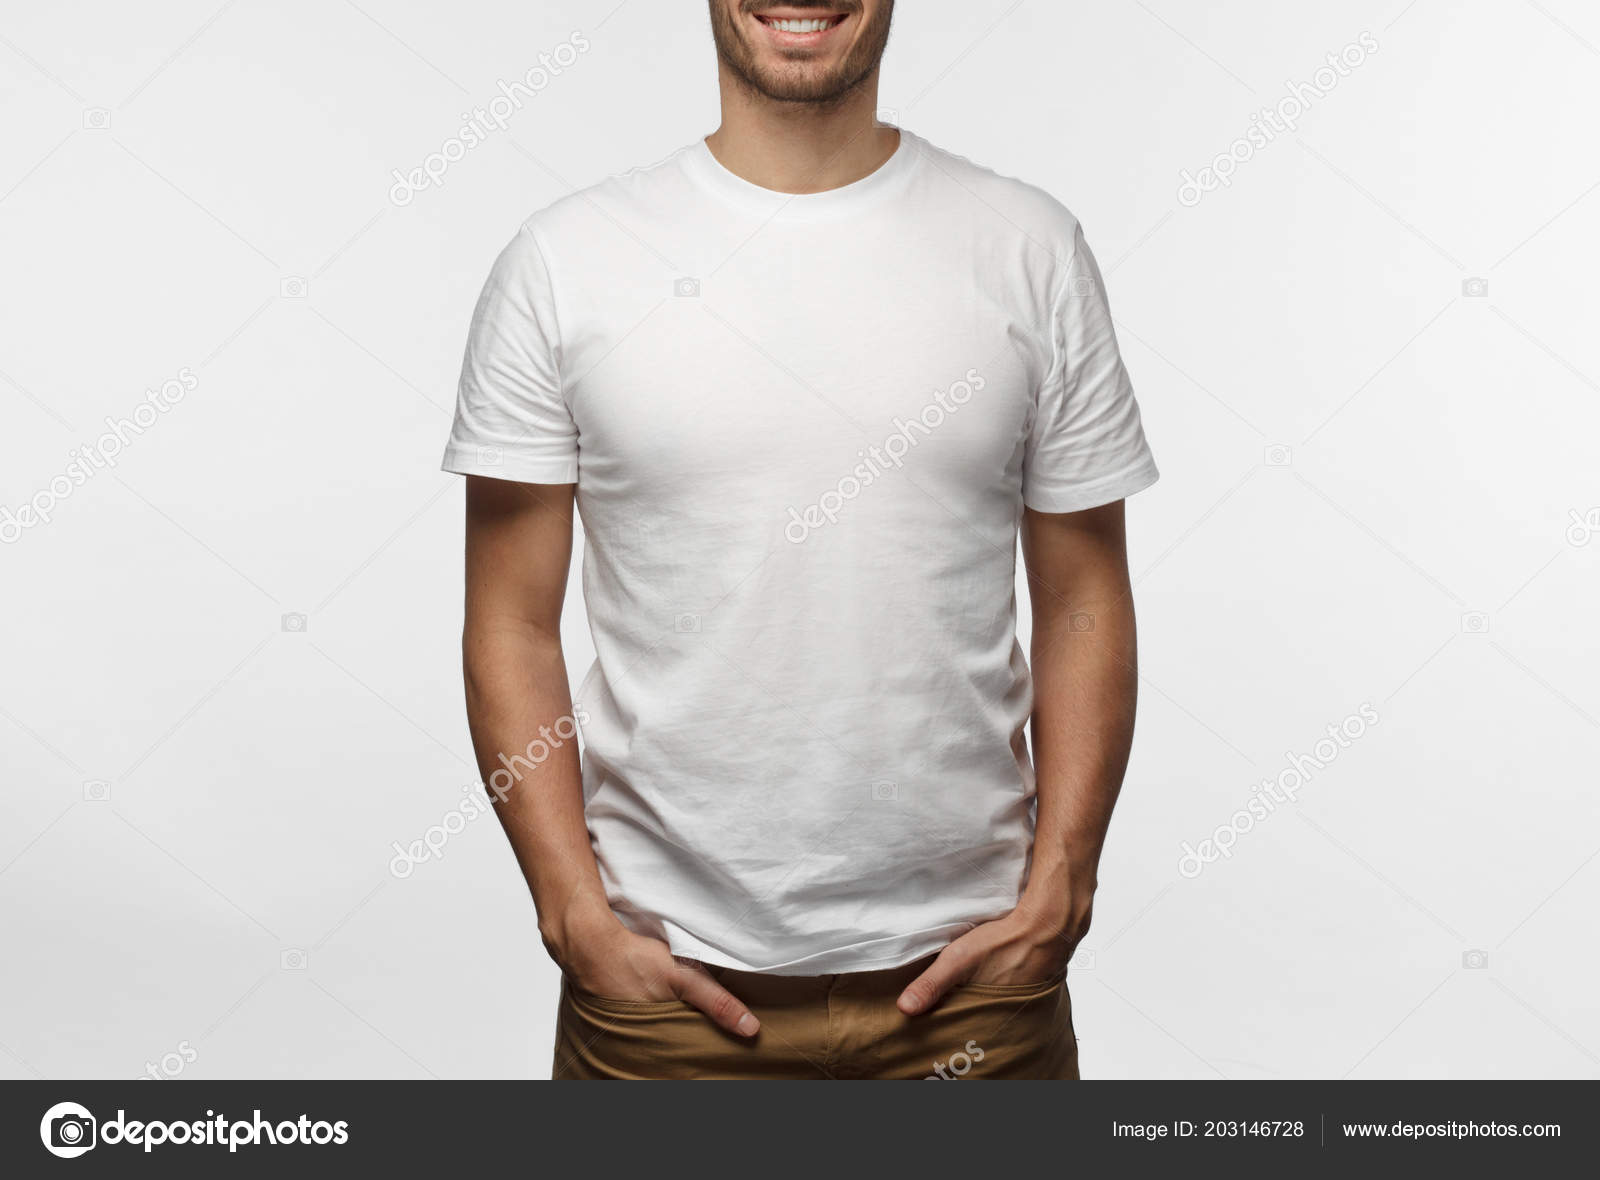 87298cd08d13e Joven Europea Pie Con Las Manos Los Bolsillos Vistiendo Camiseta — Fotos de  Stock